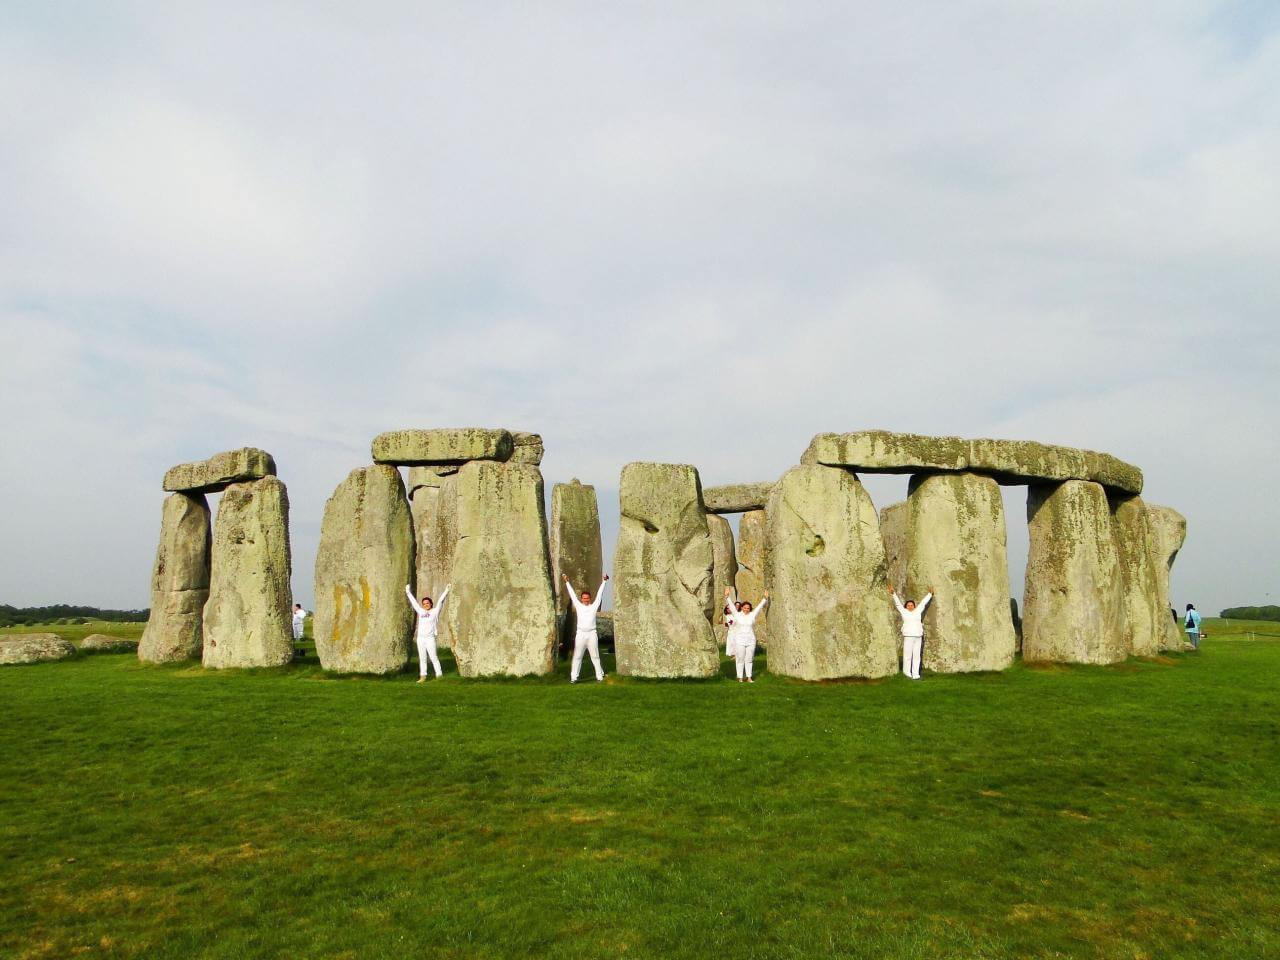 Circulo de piedras